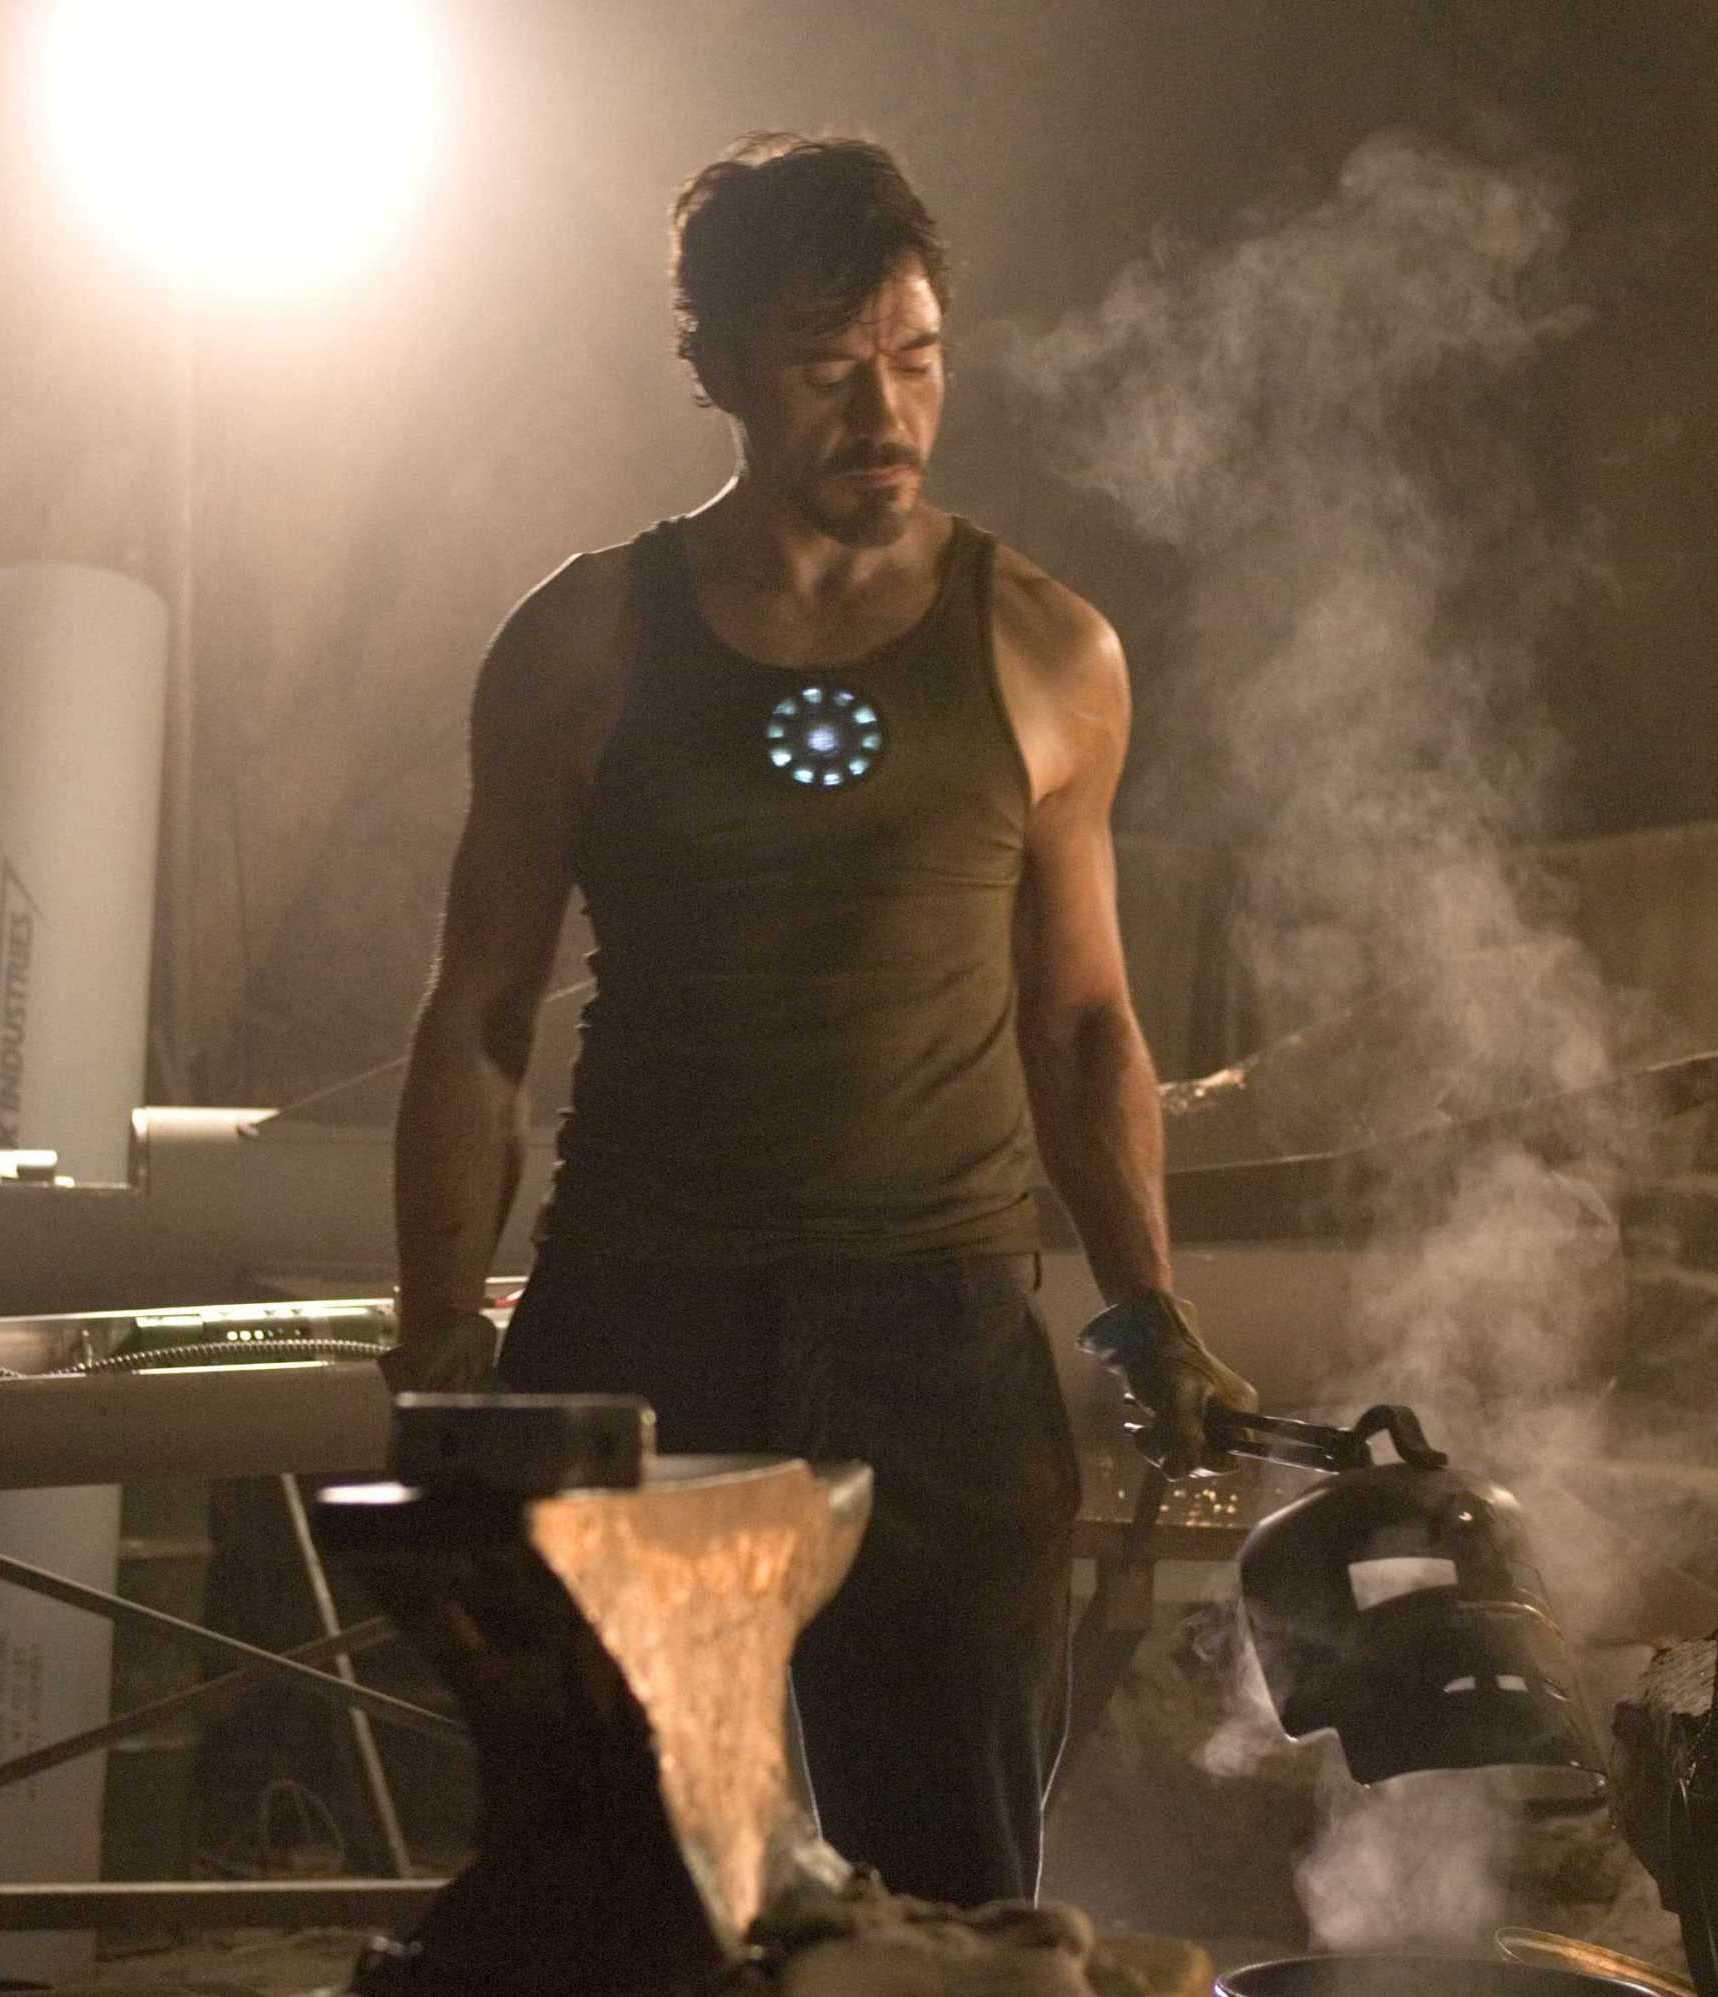 2008 iron man 002 20 Avengers: Endgame Easter Eggs You Definitely Missed